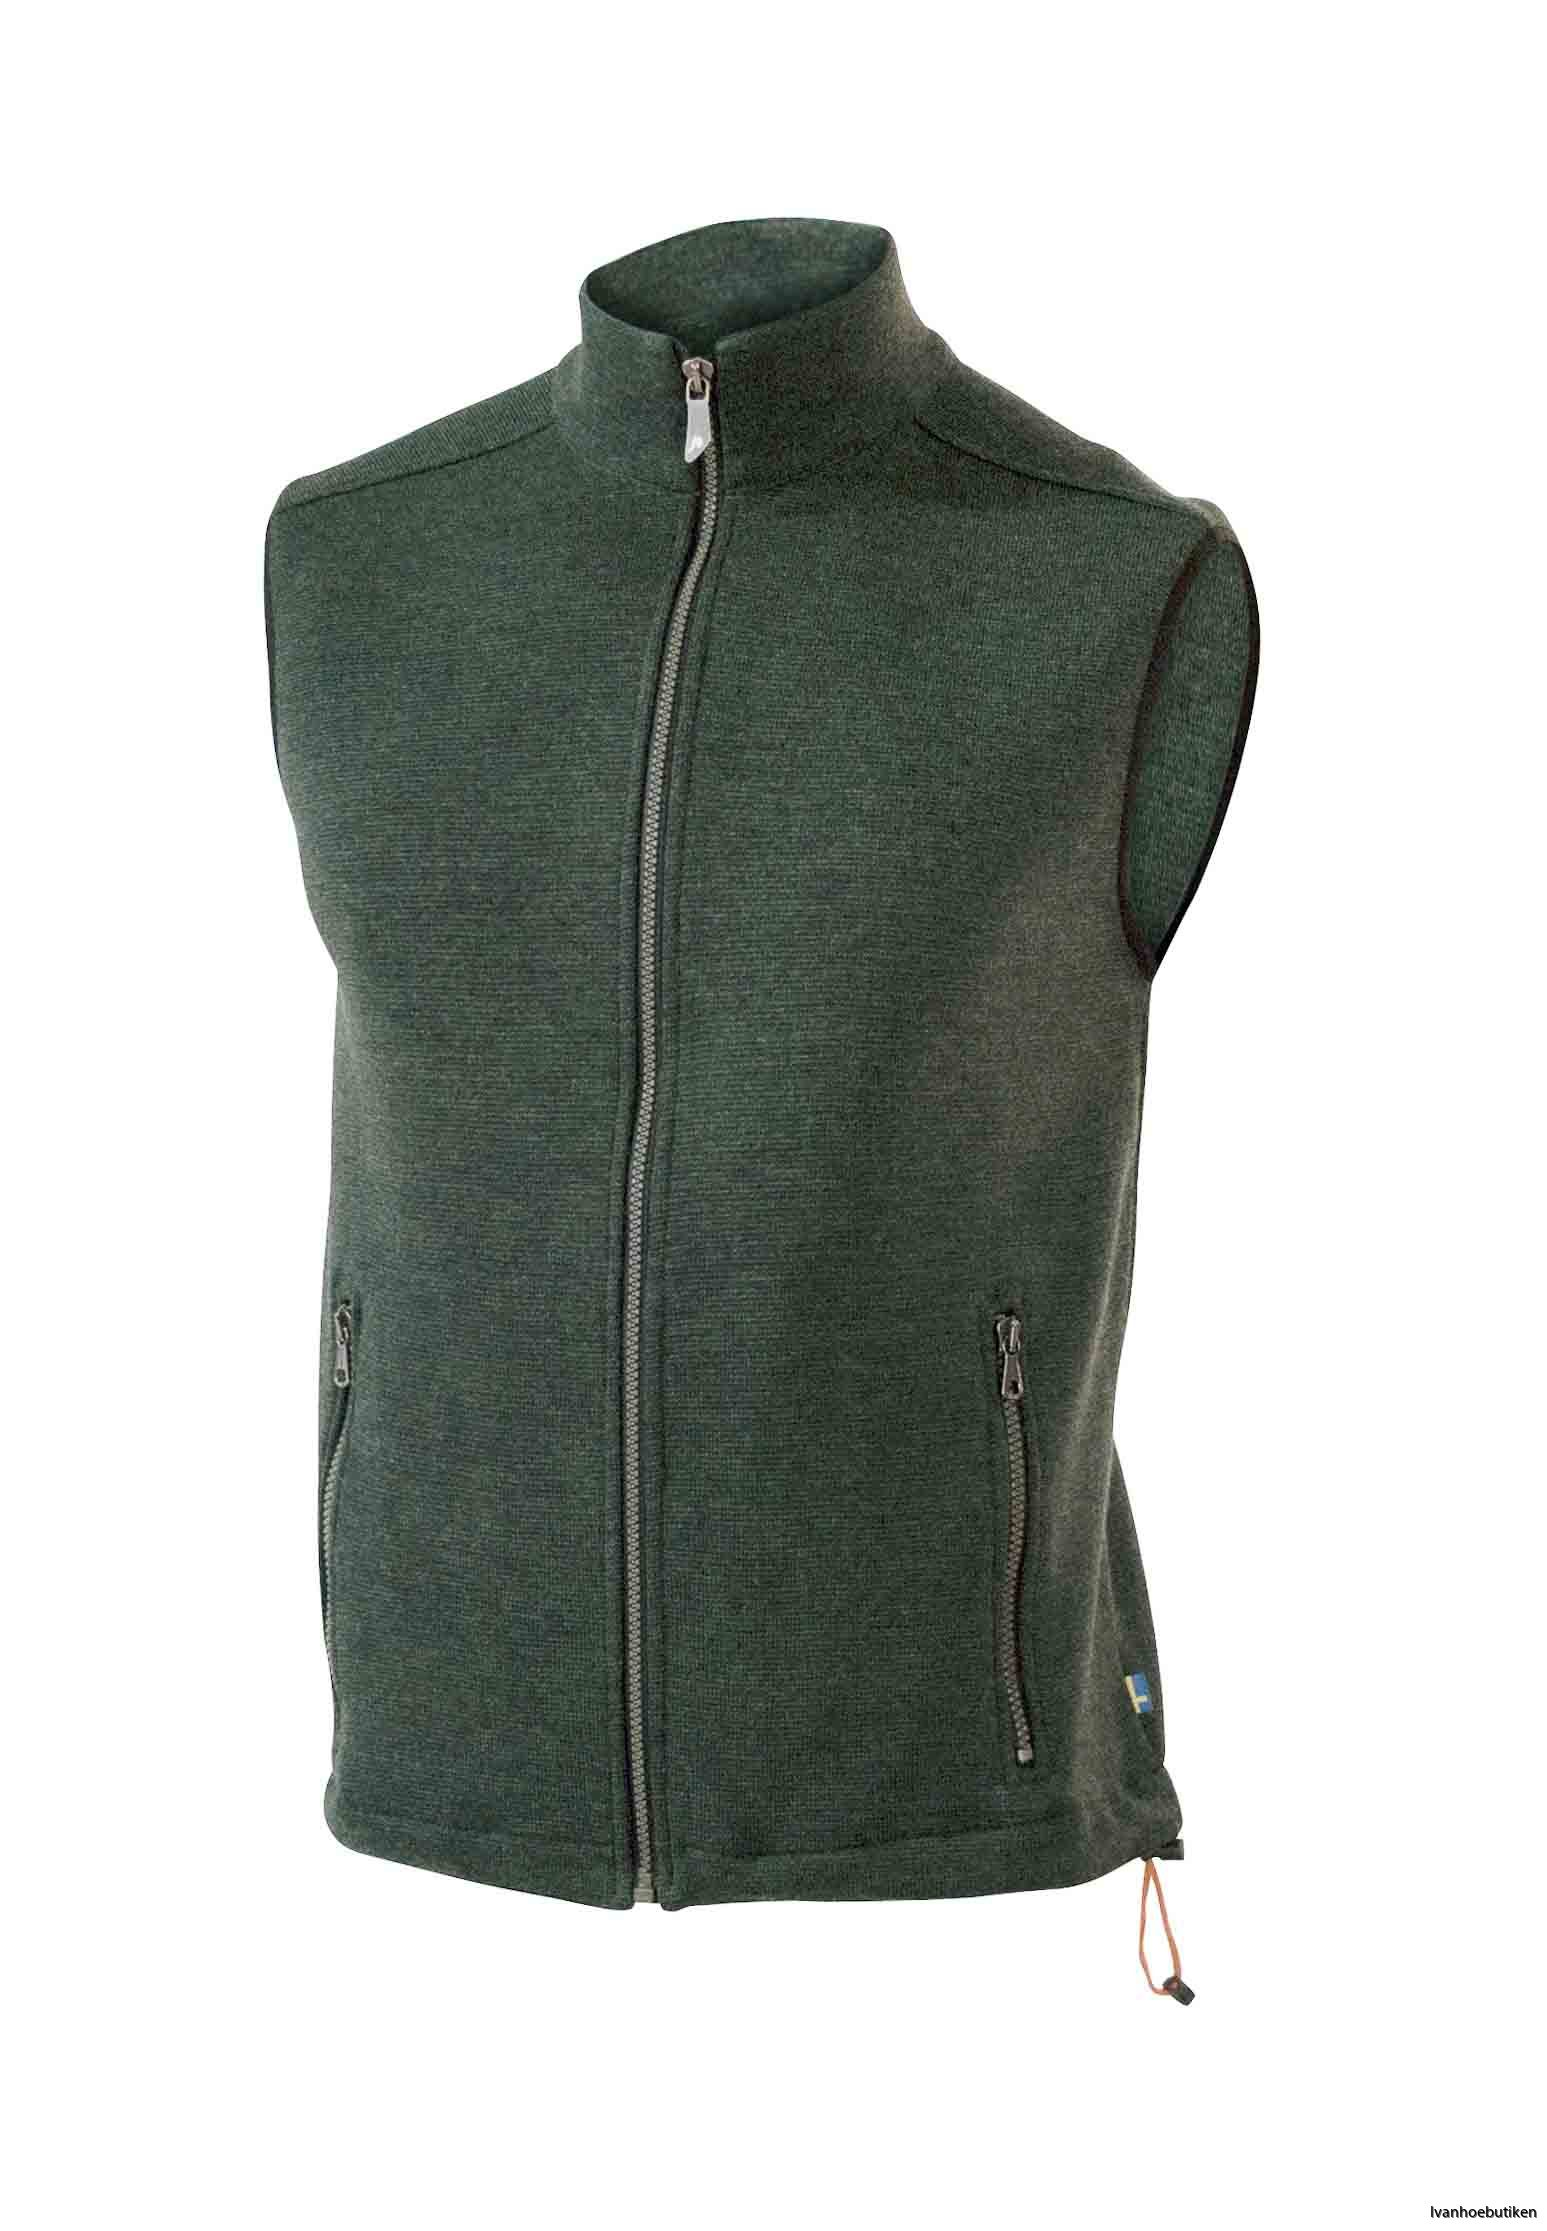 Assar vest rifle green